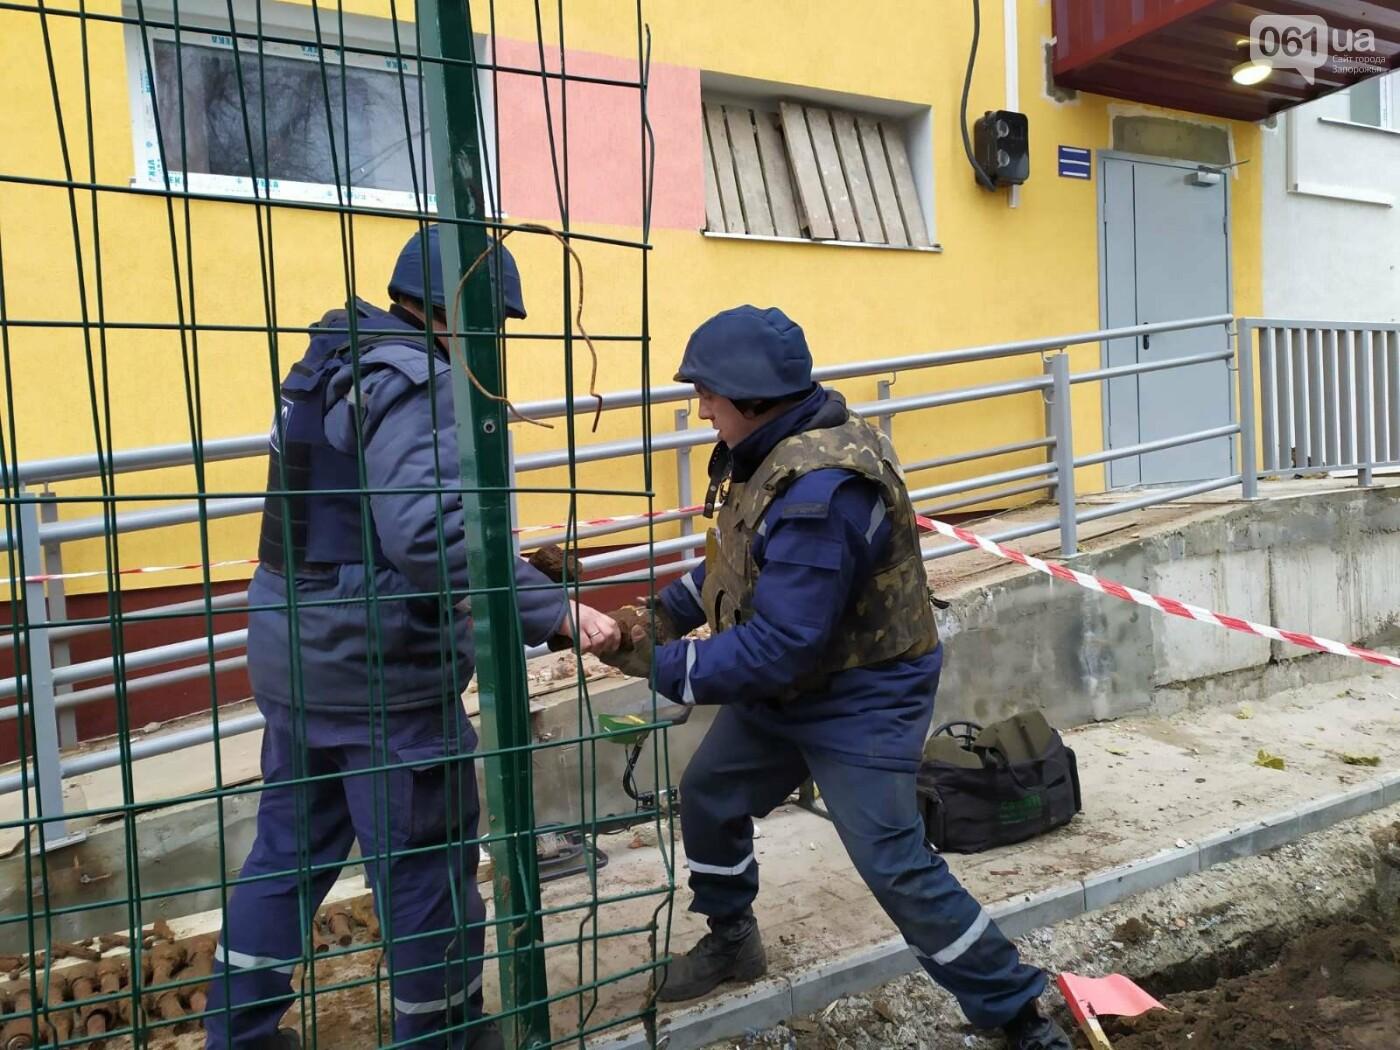 Нa территории ореховской школы нашли около сотни взрывоопасных предметов , фото-3